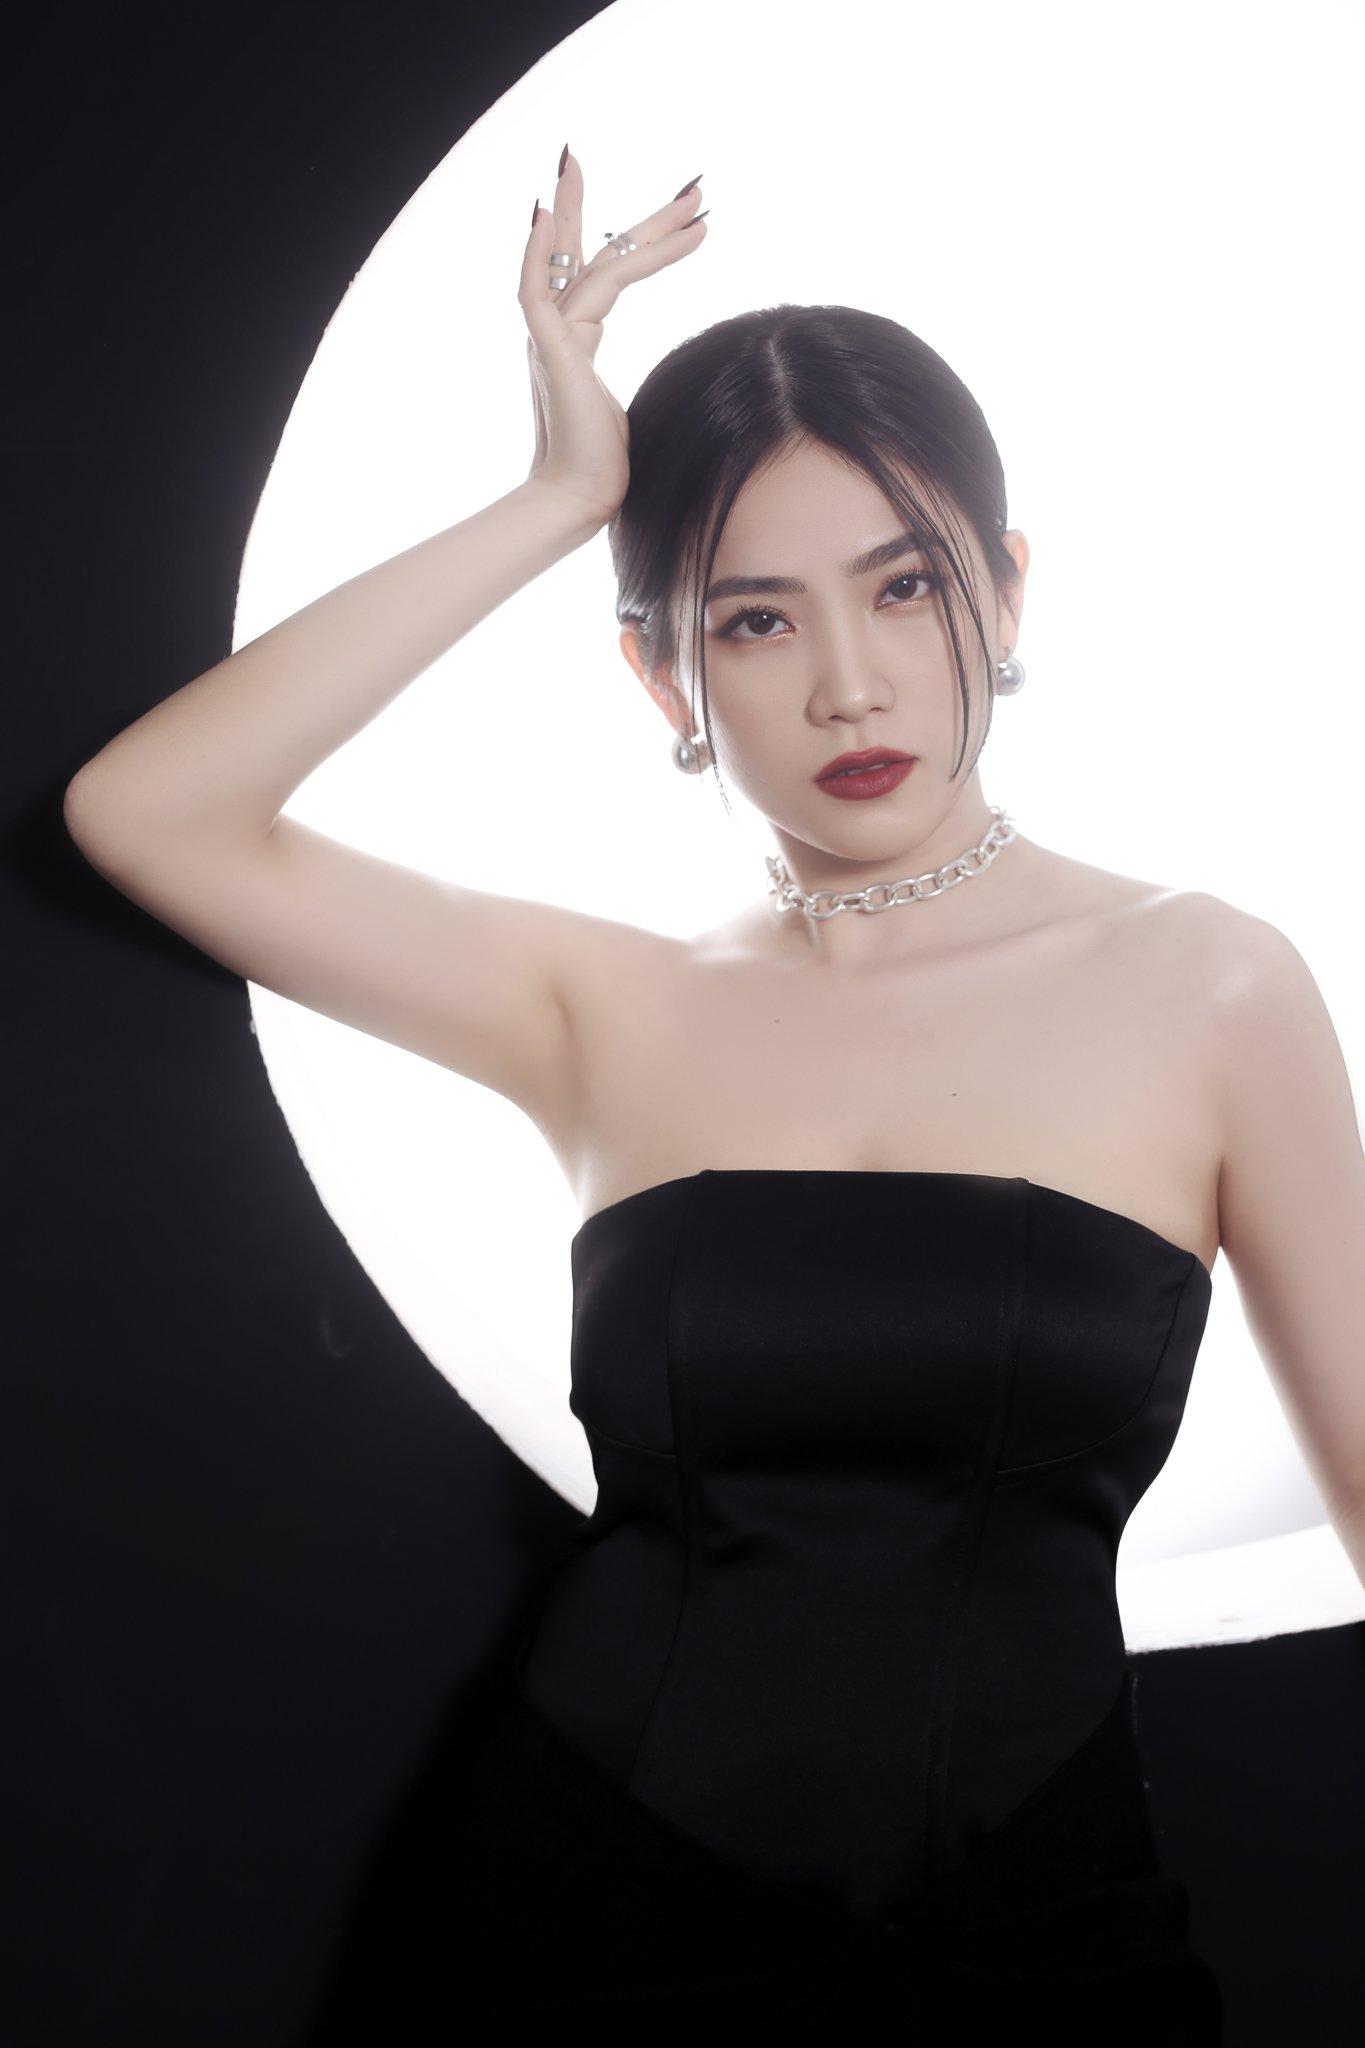 Võ Nhựt Cẩm Thi và con đường trở thành nữ CEO trẻ thành công trong lĩnh vực làm đẹp - Ảnh 5